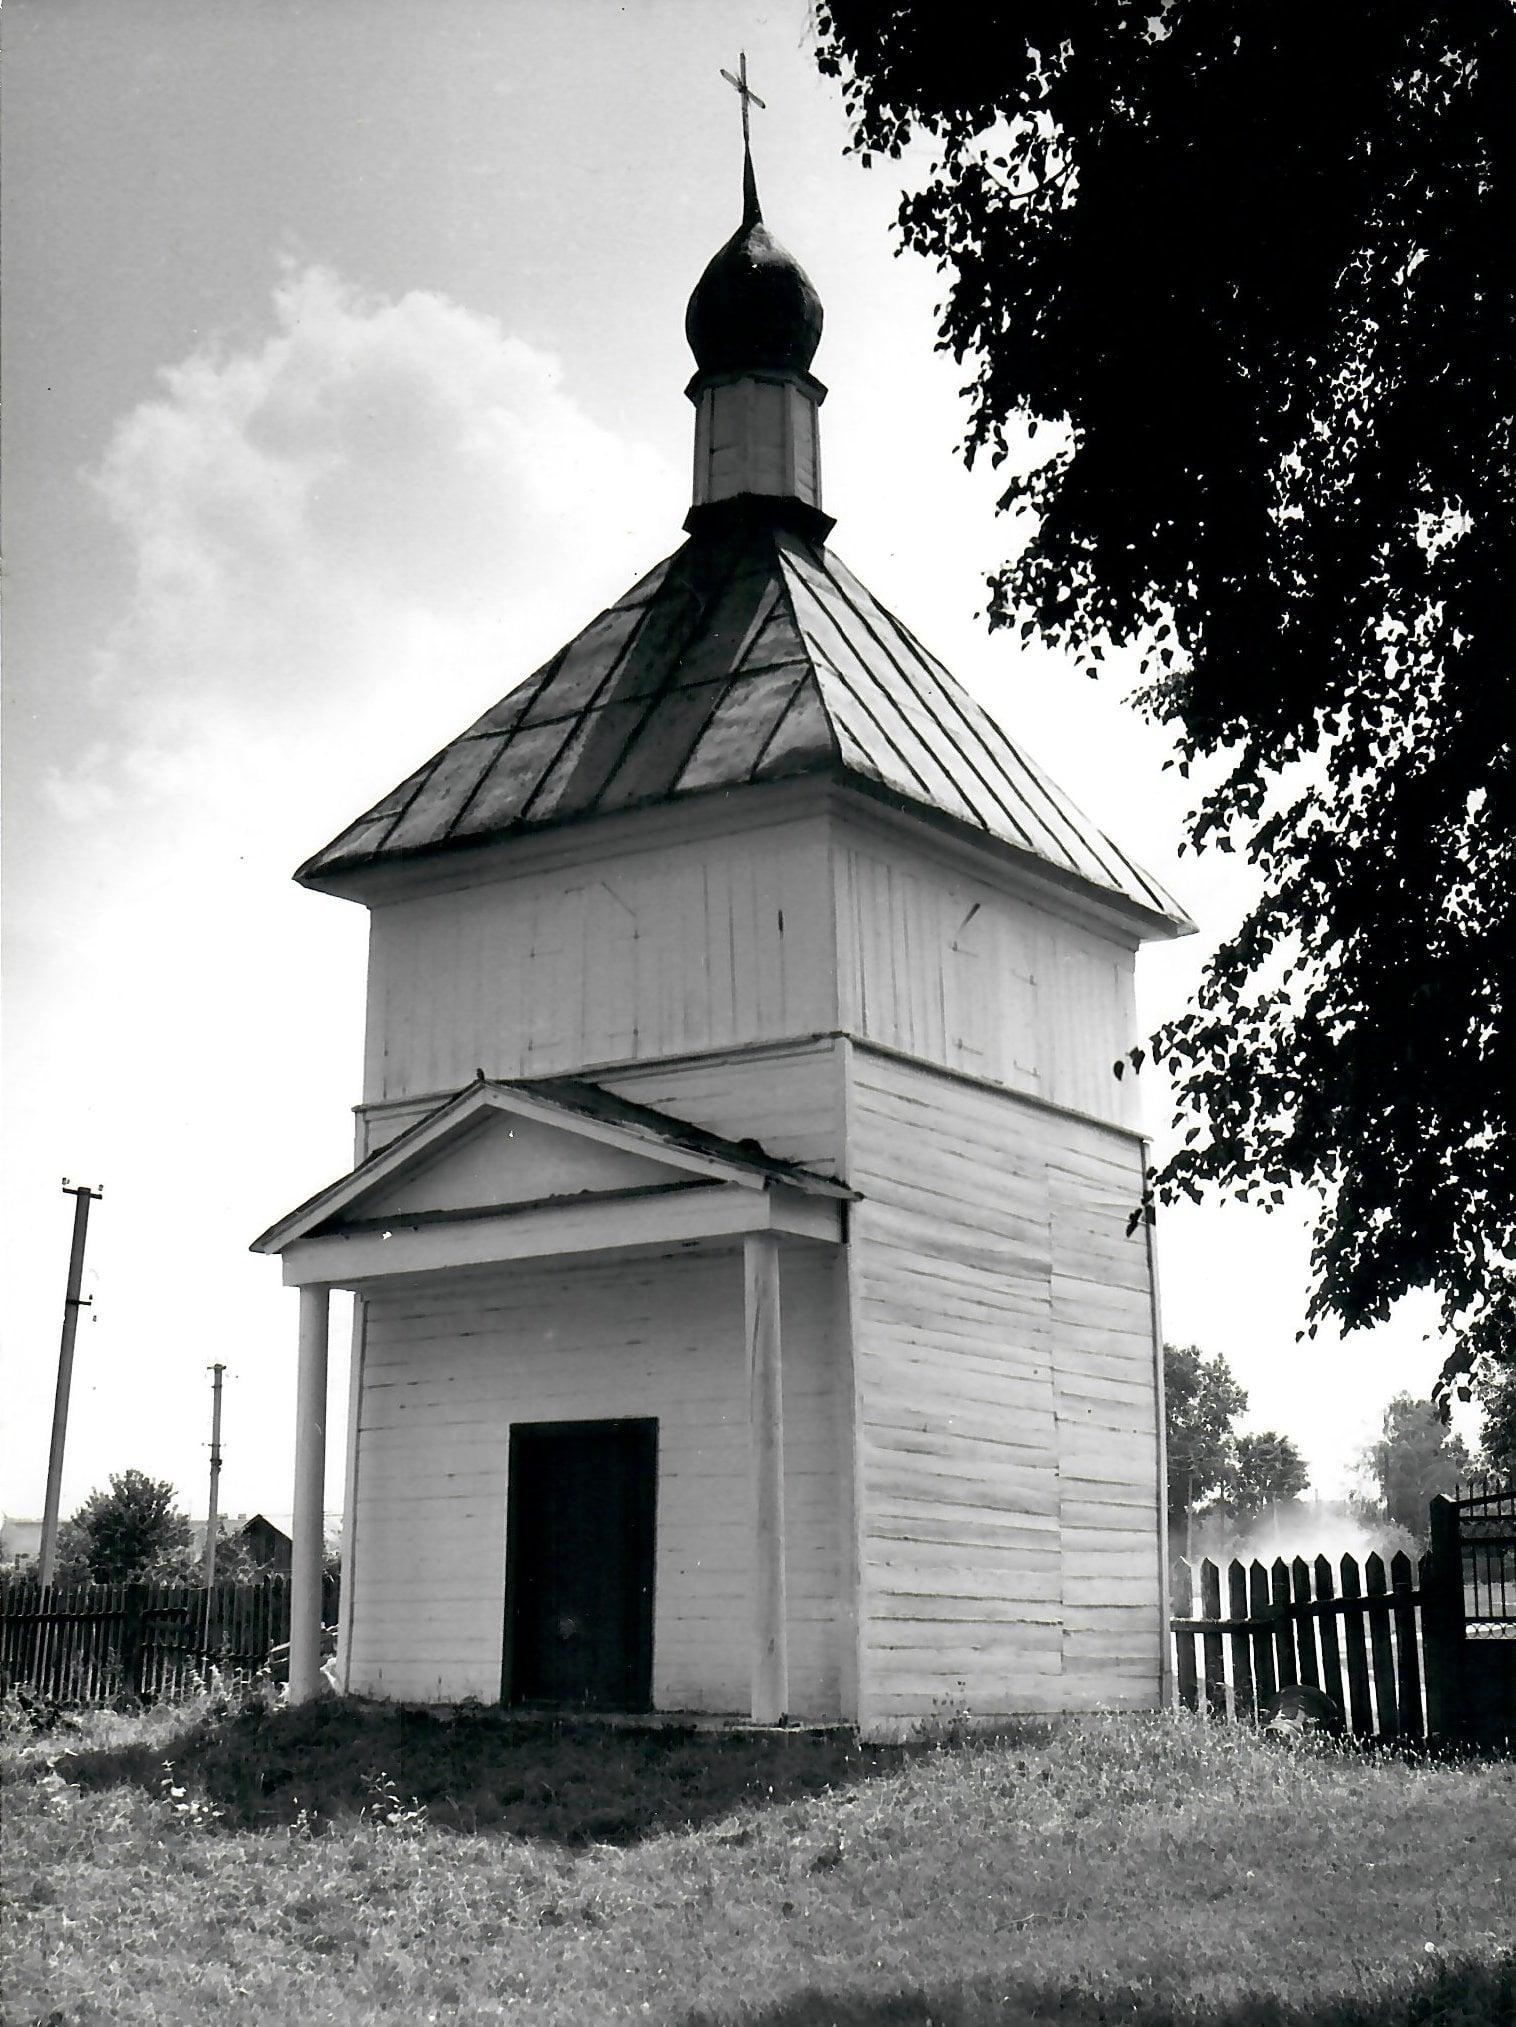 У Новому Білоусі збереглася унікальна дерев'яна церква з дзвіницею (Фото)